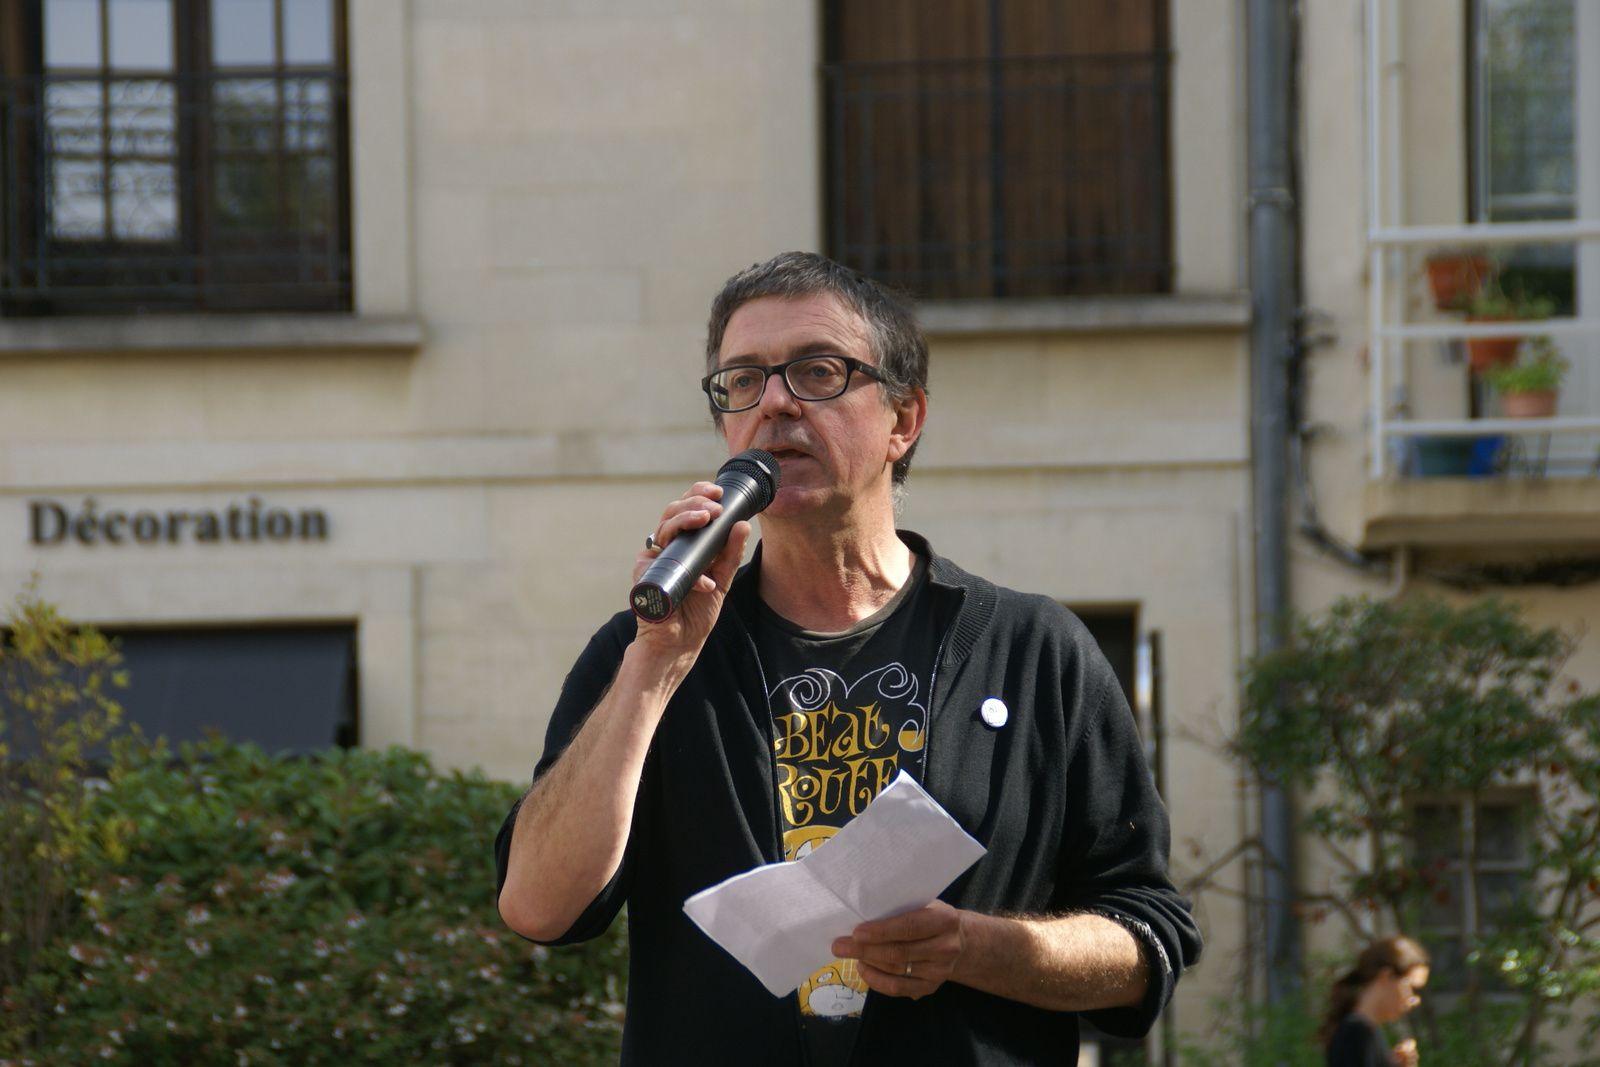 Hervé Delouche lisant le texte deHervé le Corre sur la place de la mairie de Villeneuve lors de la remise des trophées